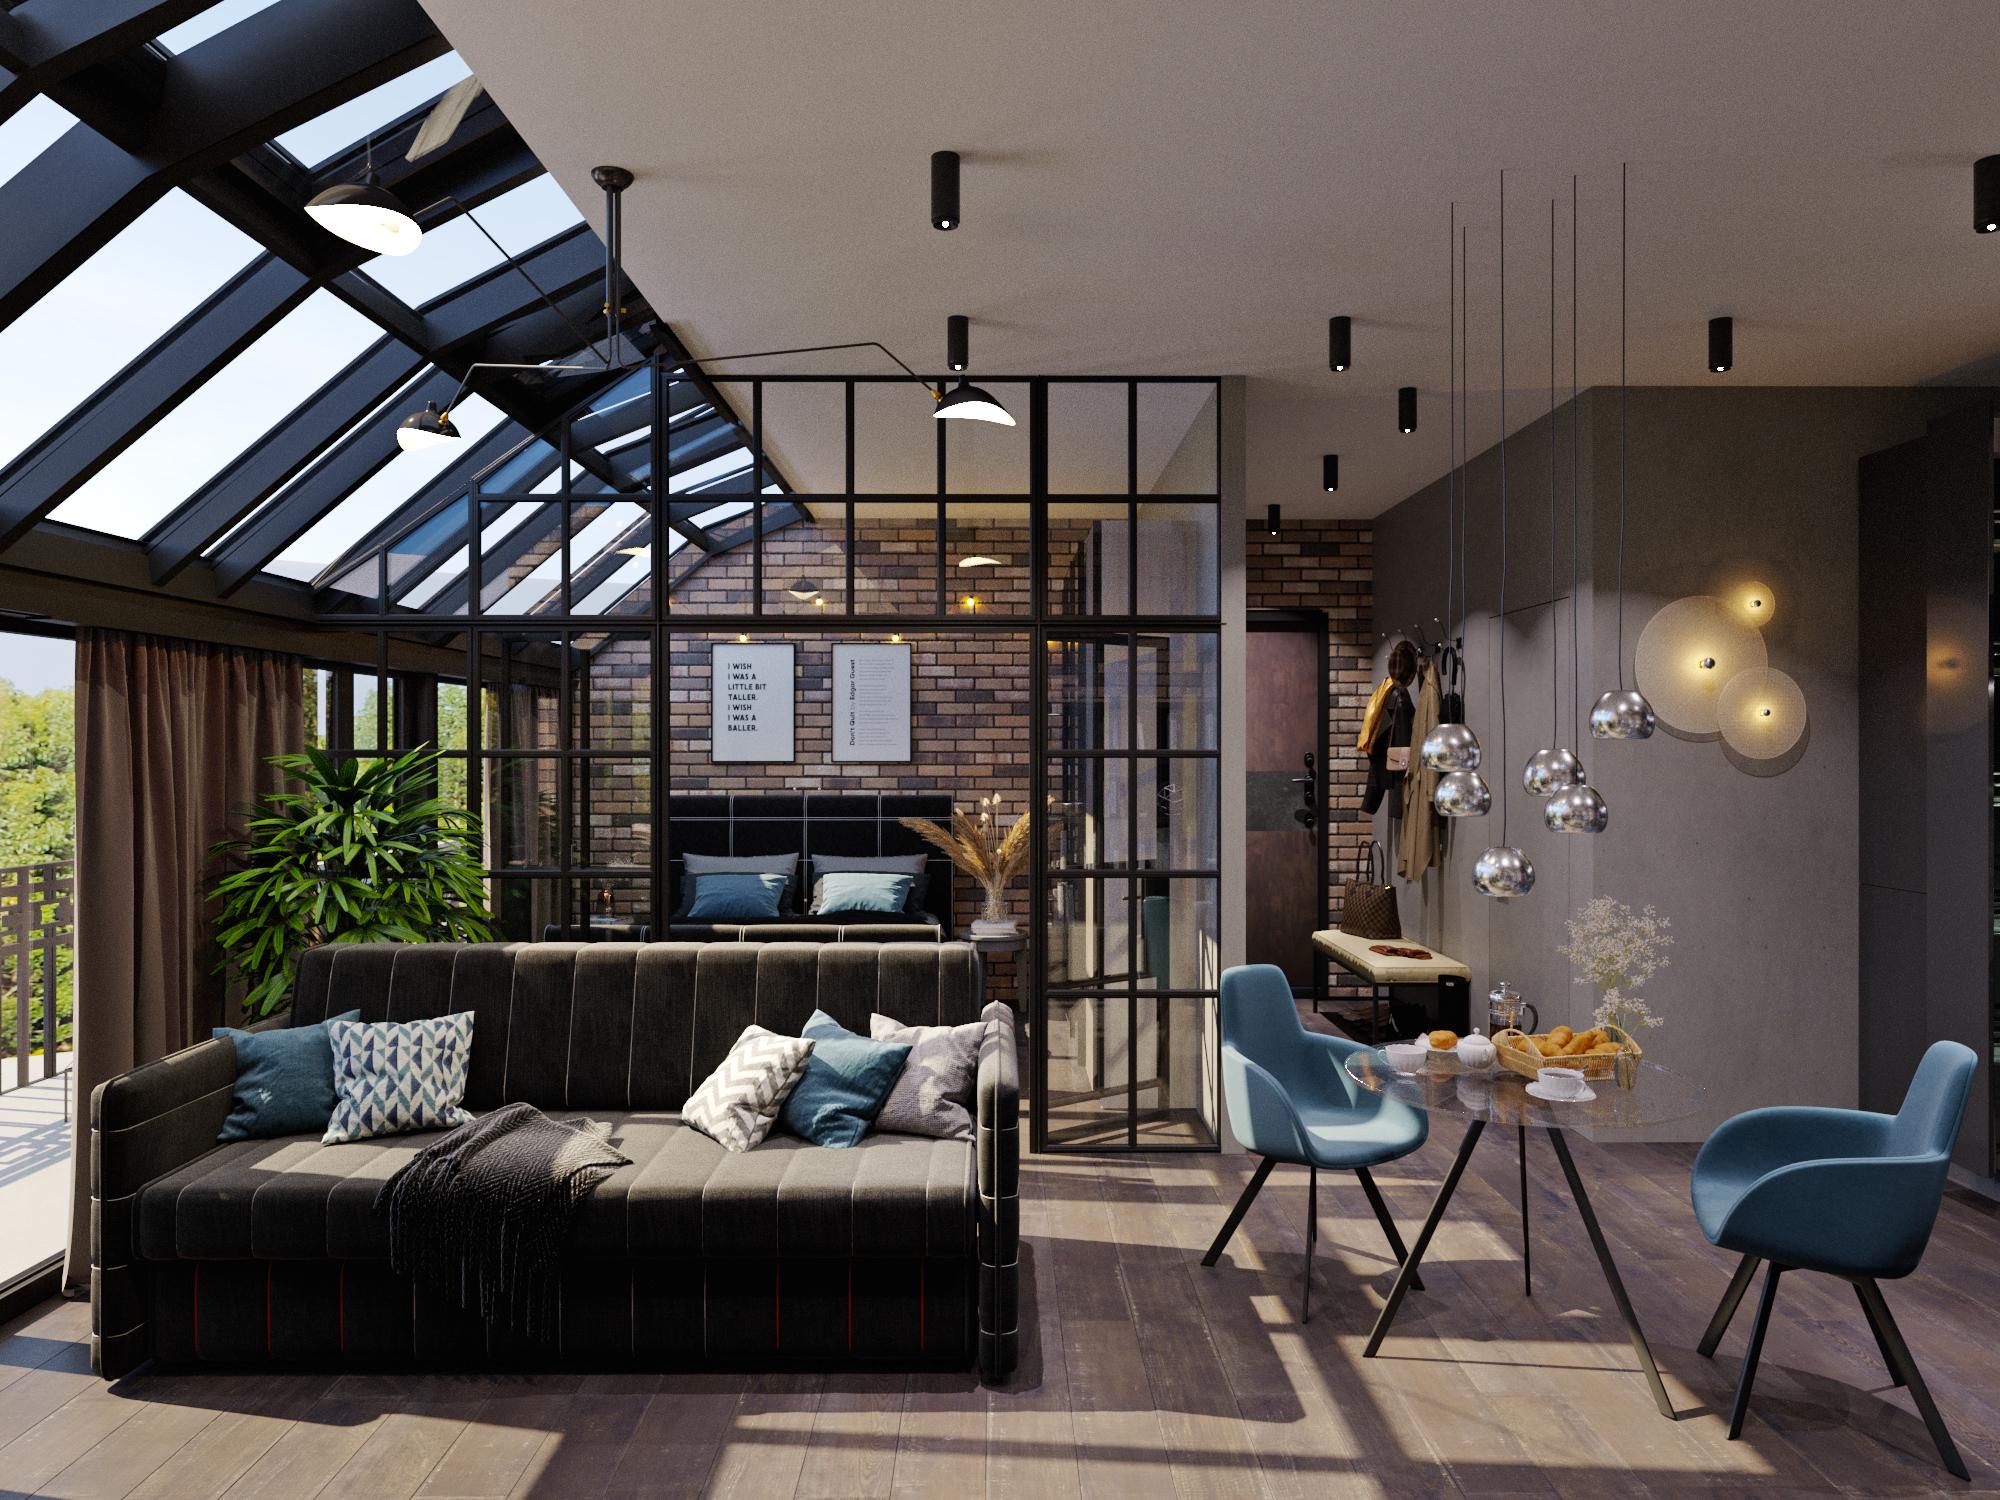 Функциональный дизайн для квартиры-студии, проект «Sienna»